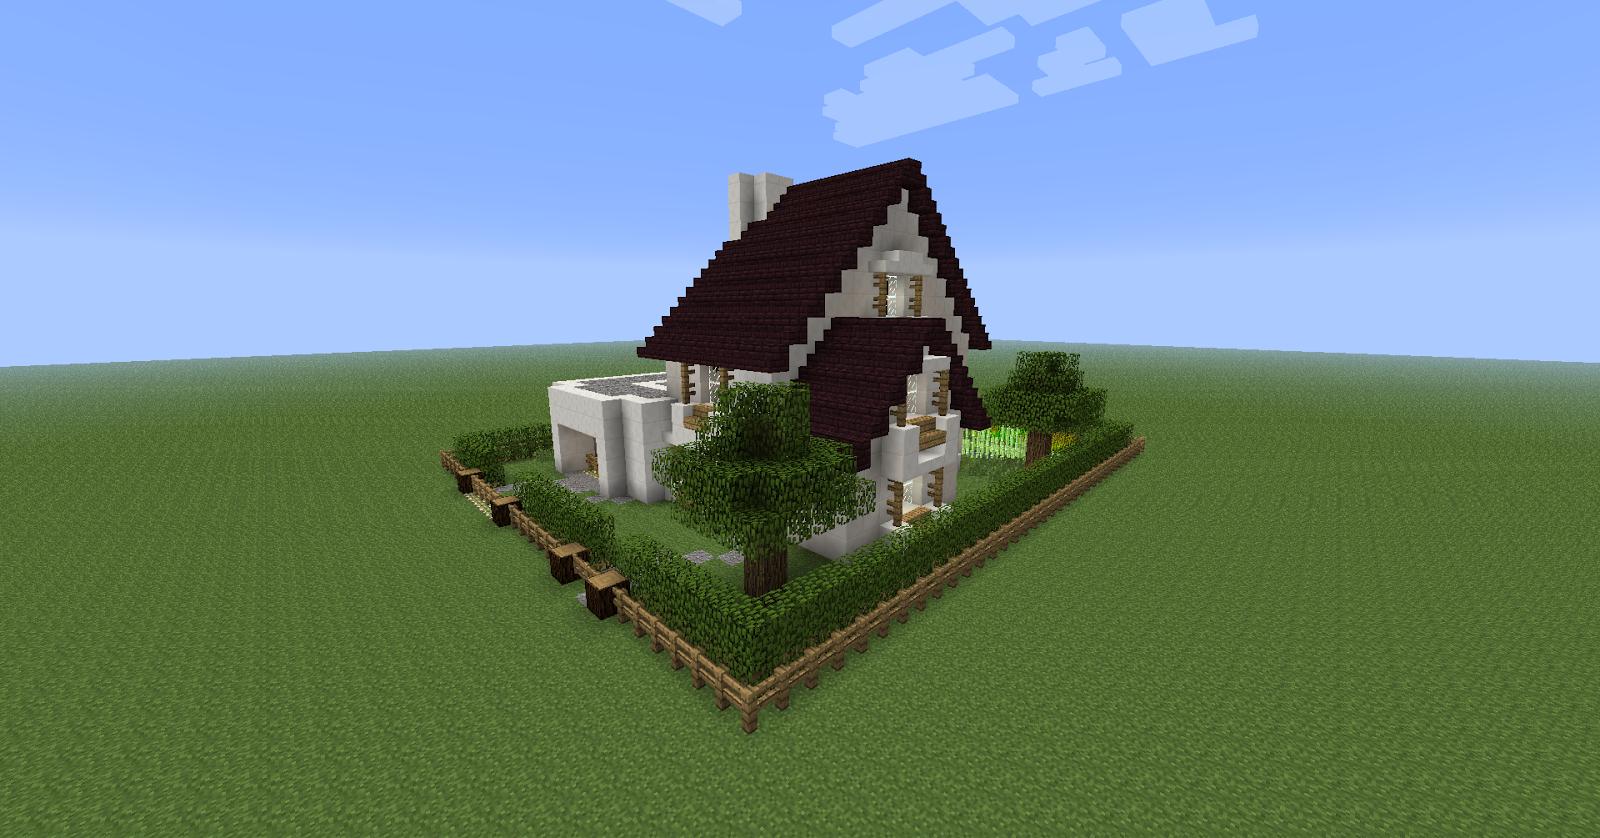 Fr minecraft maison blanche de campagne - Jardin maison minecraft nimes ...